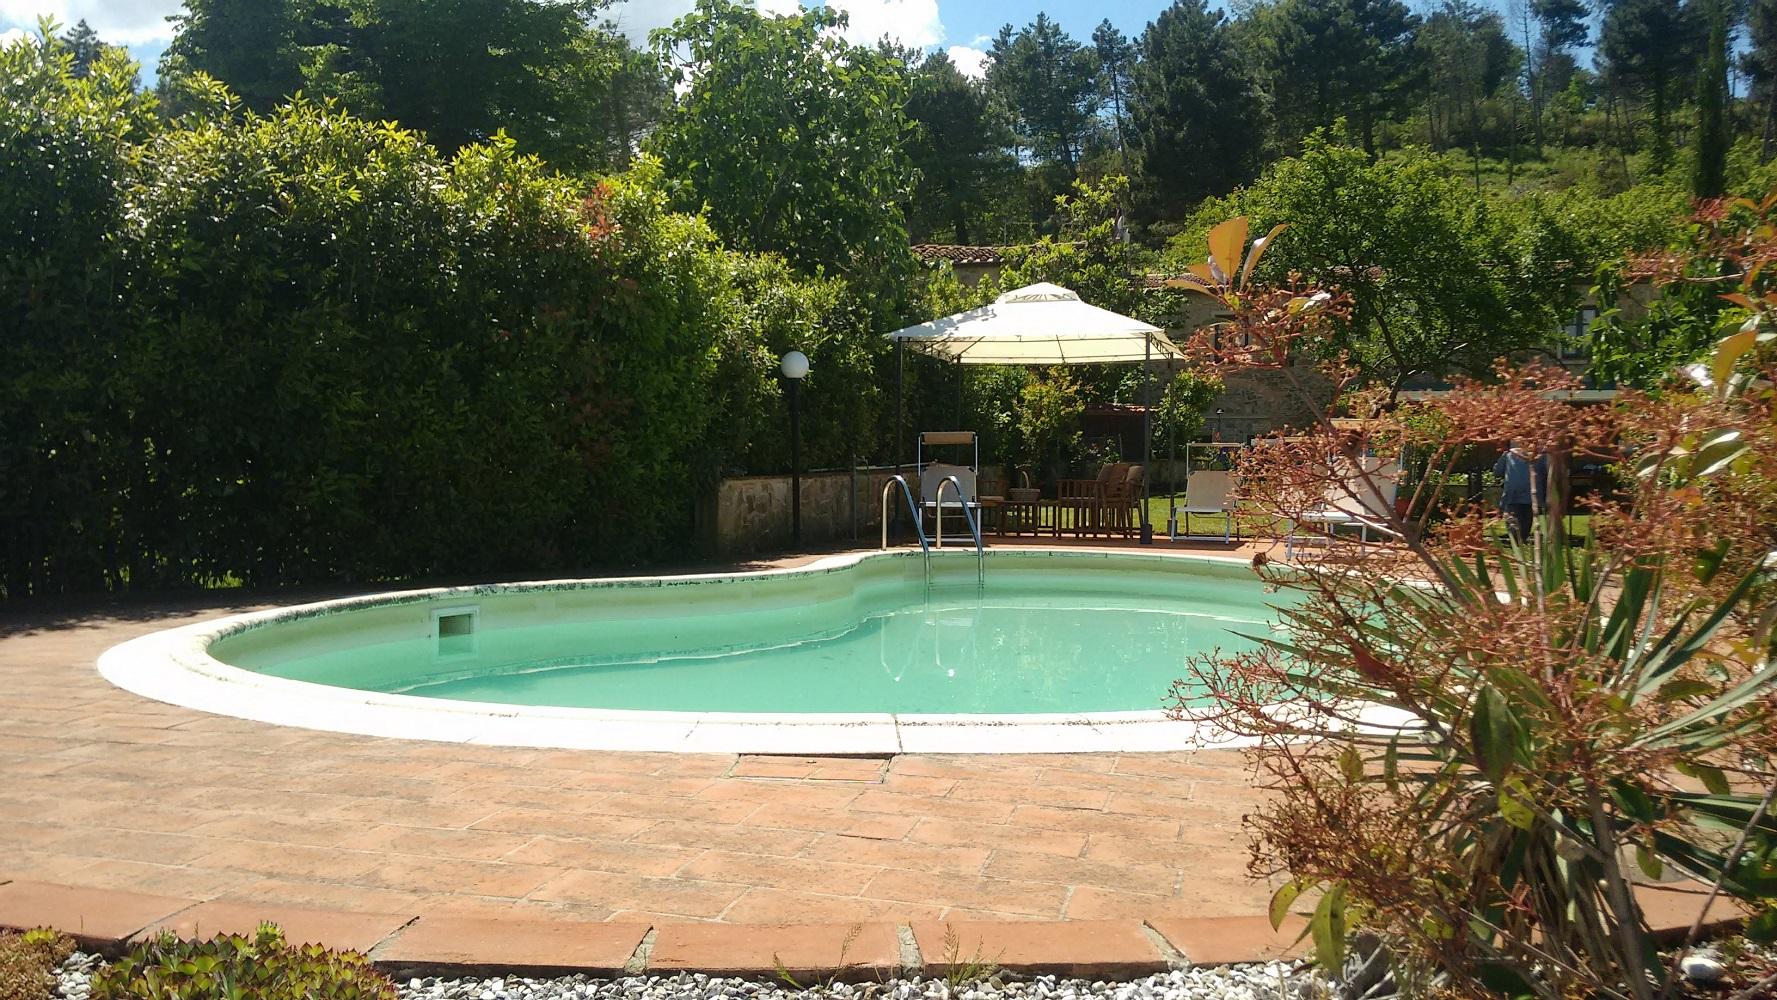 Ferienhaus mit Pool, Garten, auf dem Land Familienfreundlich, Haustiere erlaubt